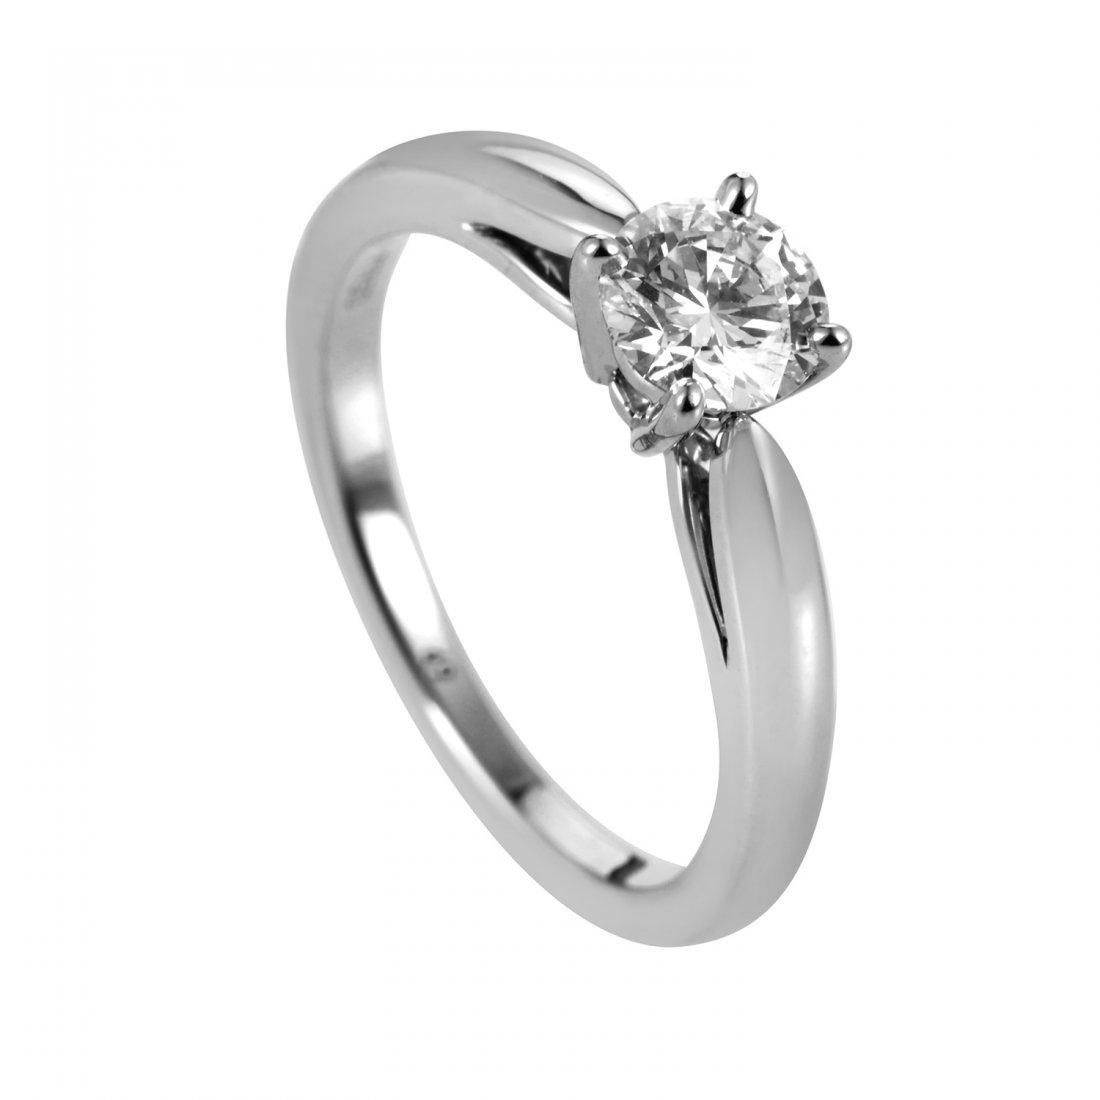 Van Cleef & Arpels Platinum 0.50ct Diamond Solitaire